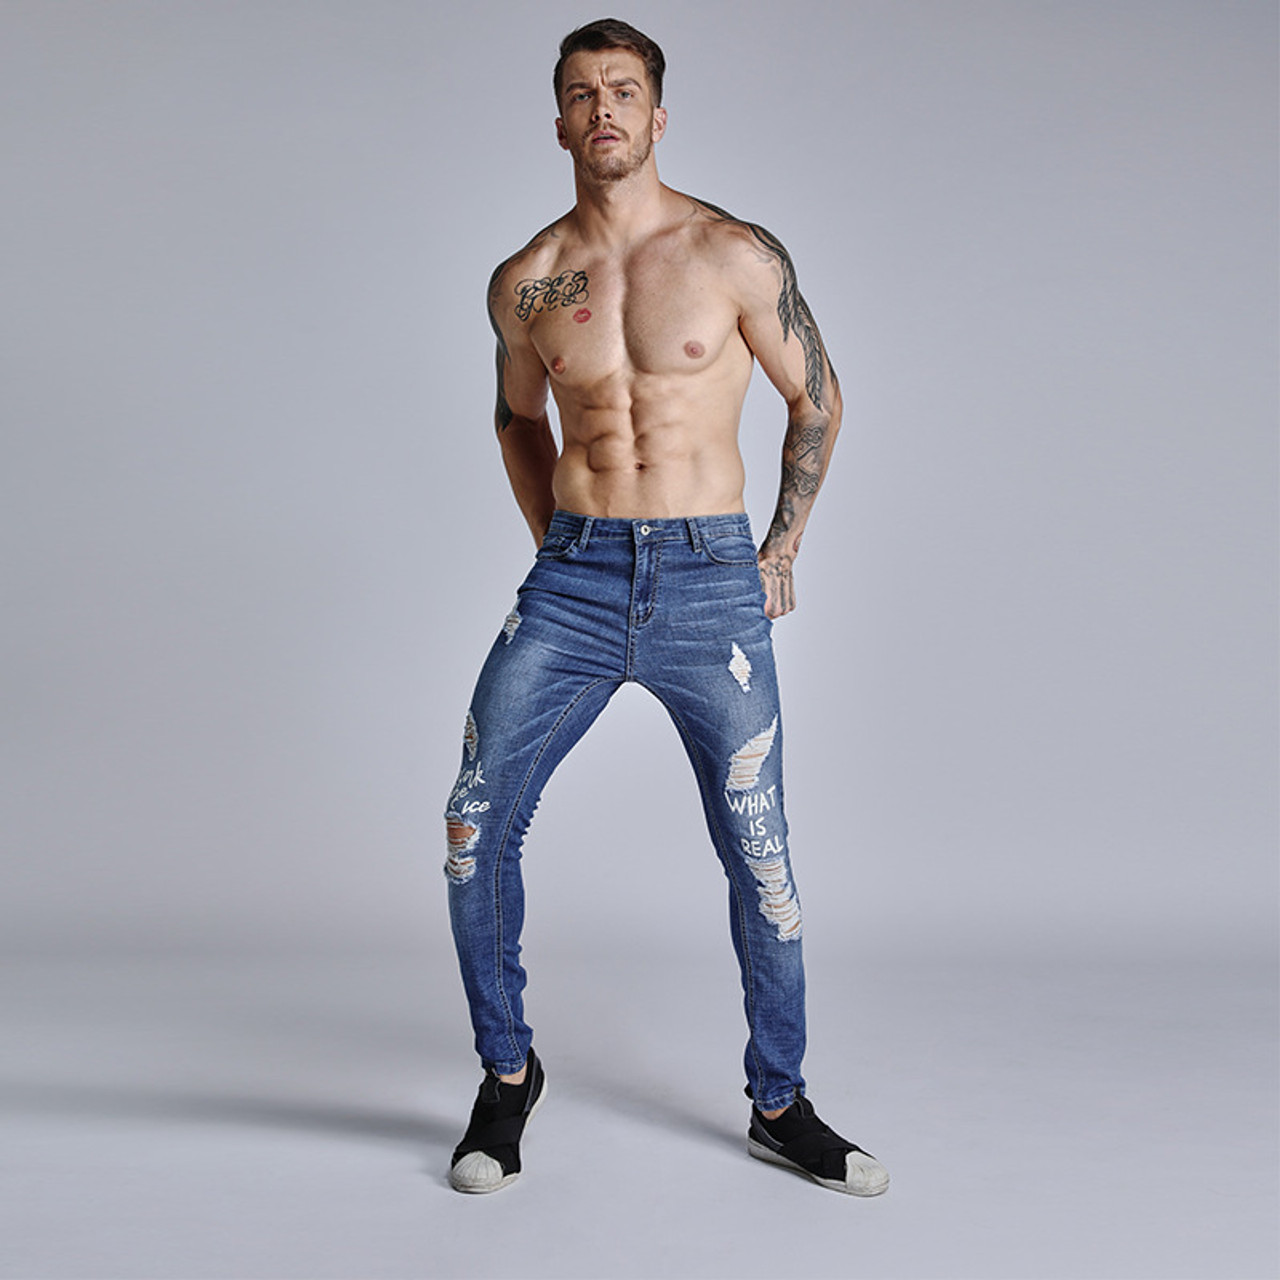 Ripped Hole Jeans Skinny Fit Slim Jeans Men Pantalon Vaquero Hombre Denim Trousers Men Hip Hop Pants Ripped Jeans For Men Onshopdeals Com